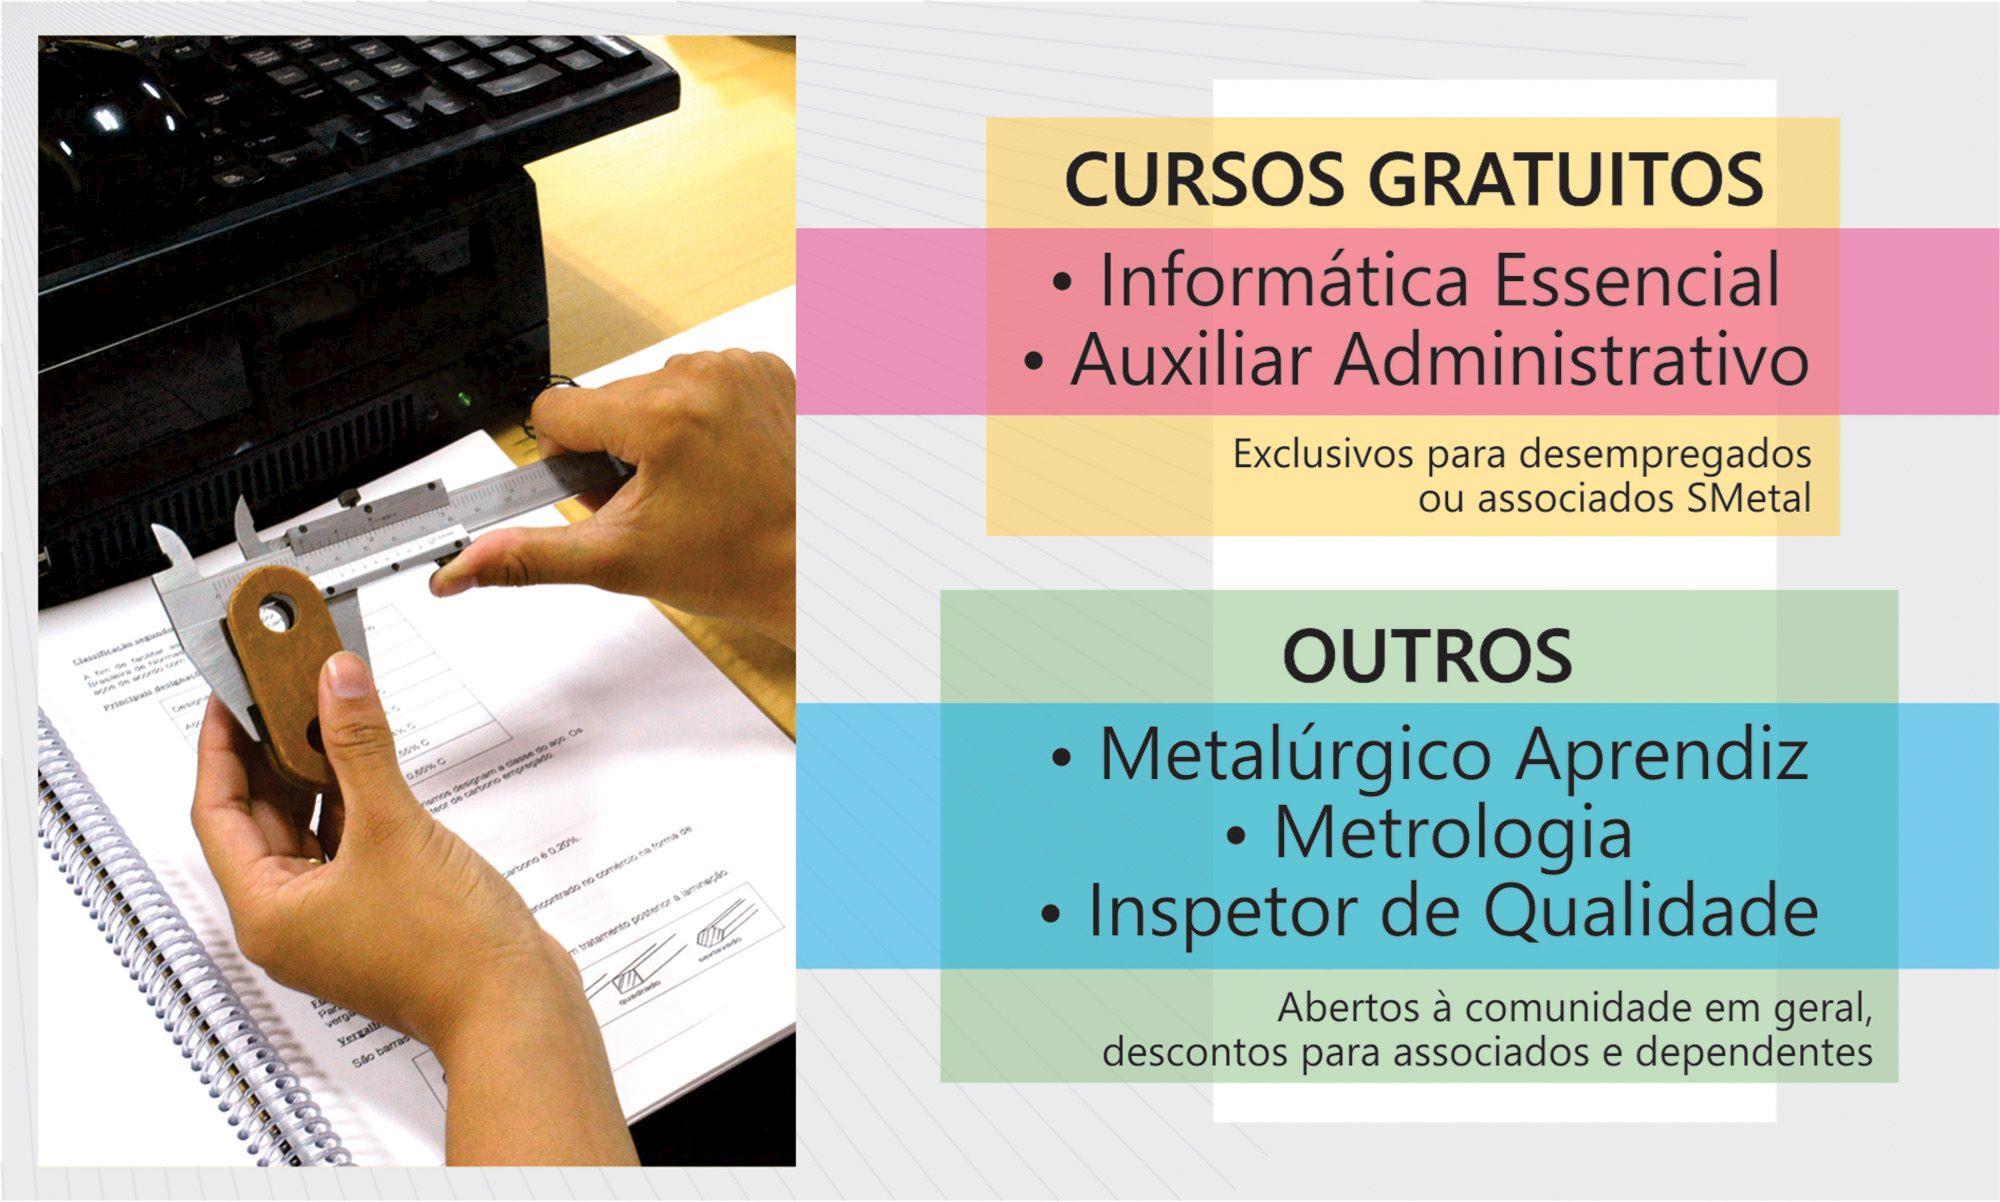 rise, curso, smetal, sorocaba, informatica, metalúrgico, metrologia, qualificação, Divulgação